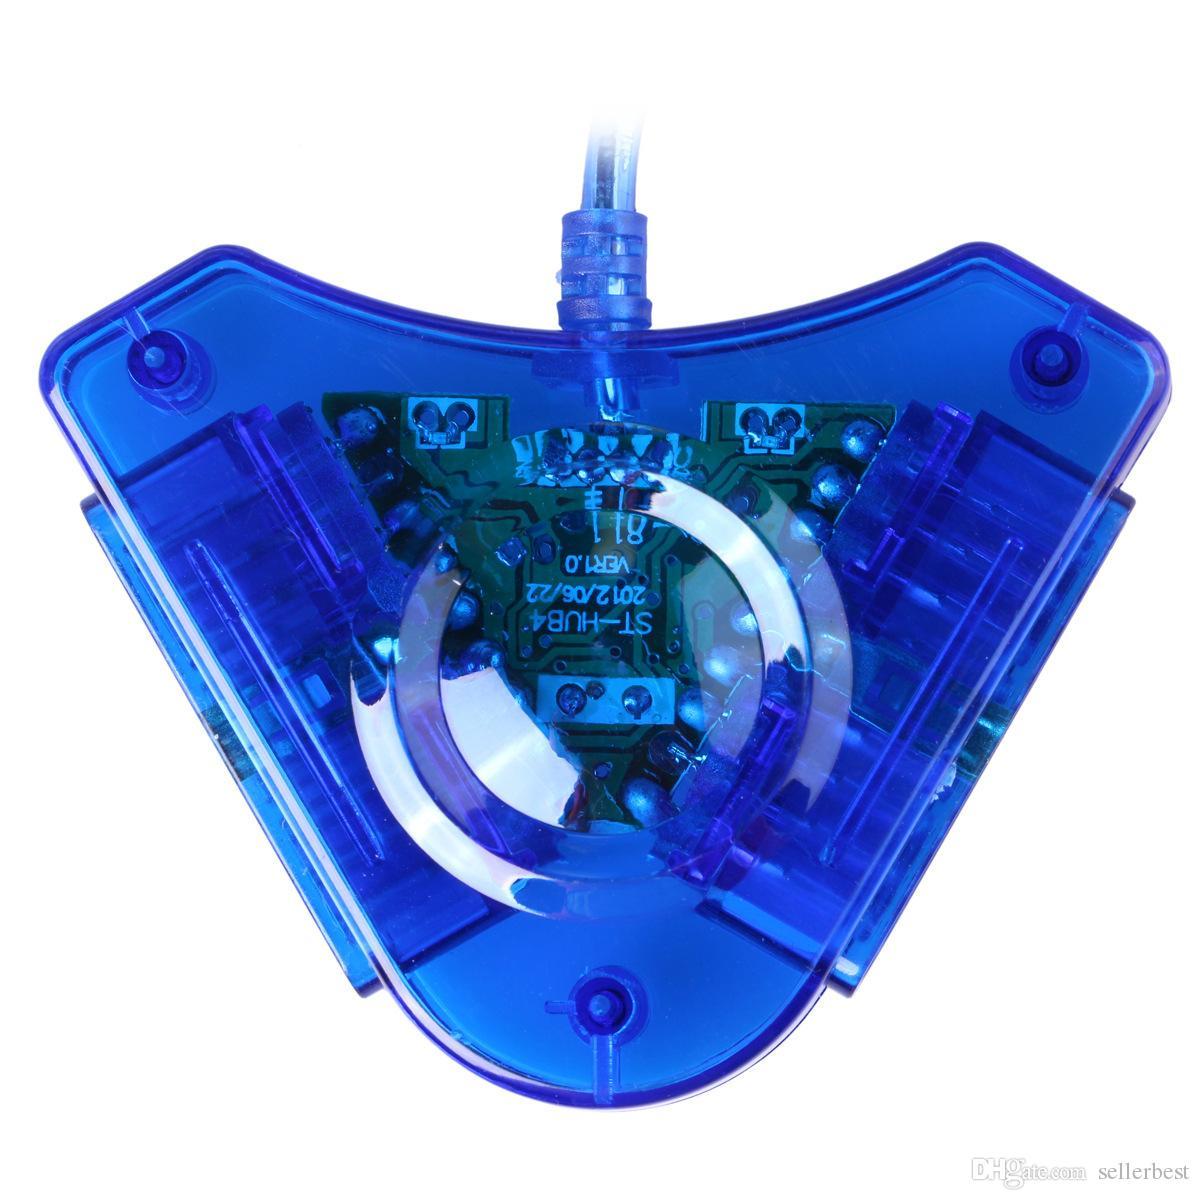 ST302 S-302 Joypad Jogo USB Dual Player Conversor Cabo Adaptador Para PS2 Atraente Dual Playstation USB Controlador de Jogo PS2 PS II 1X2